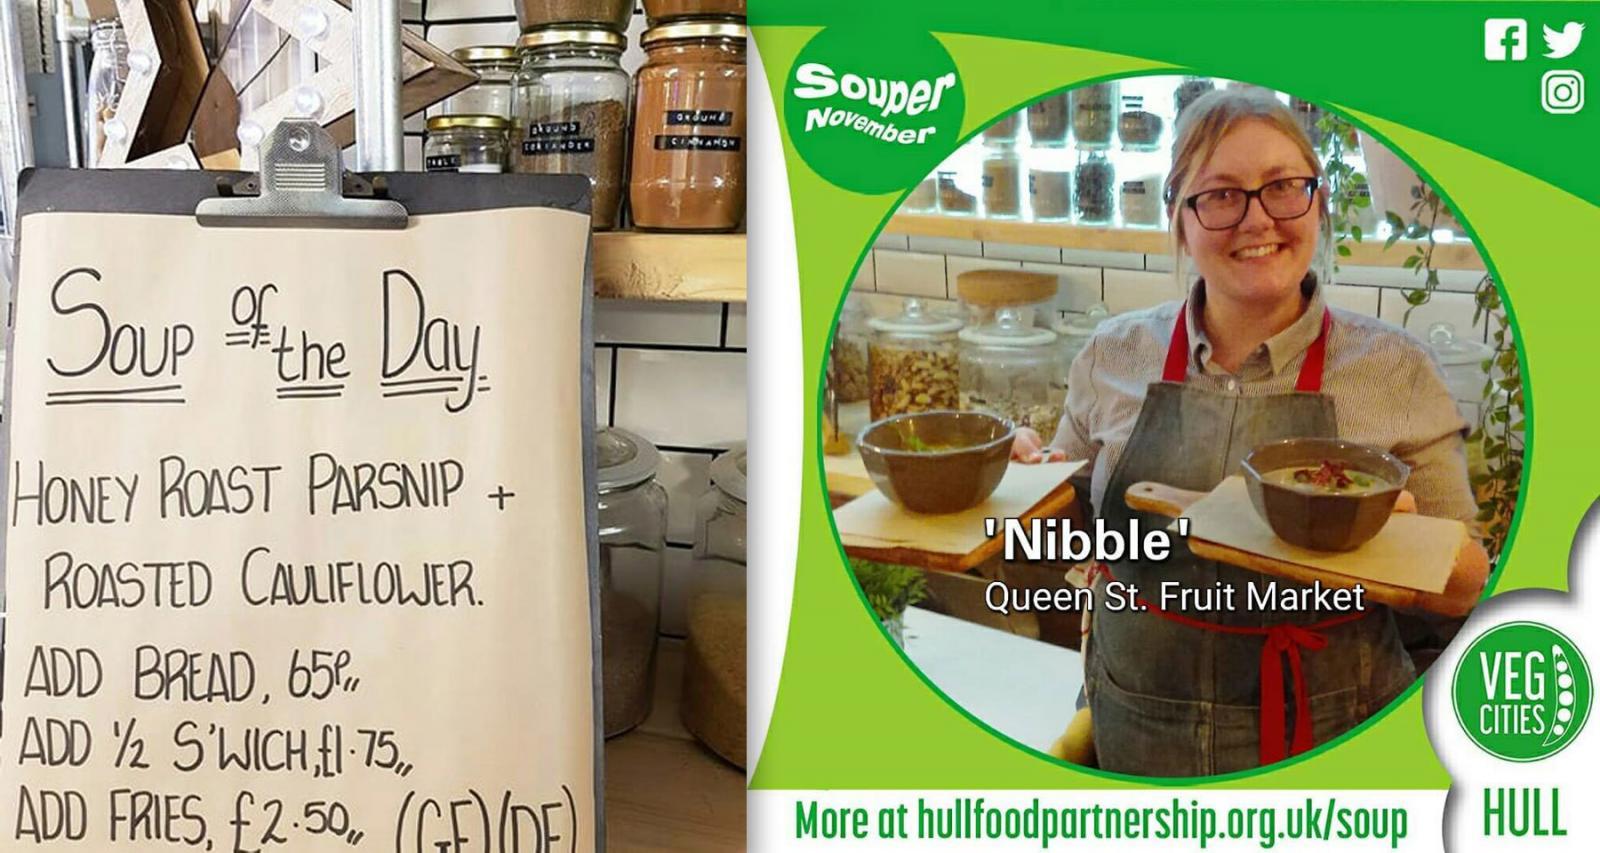 Credit: Hull Food Partnership